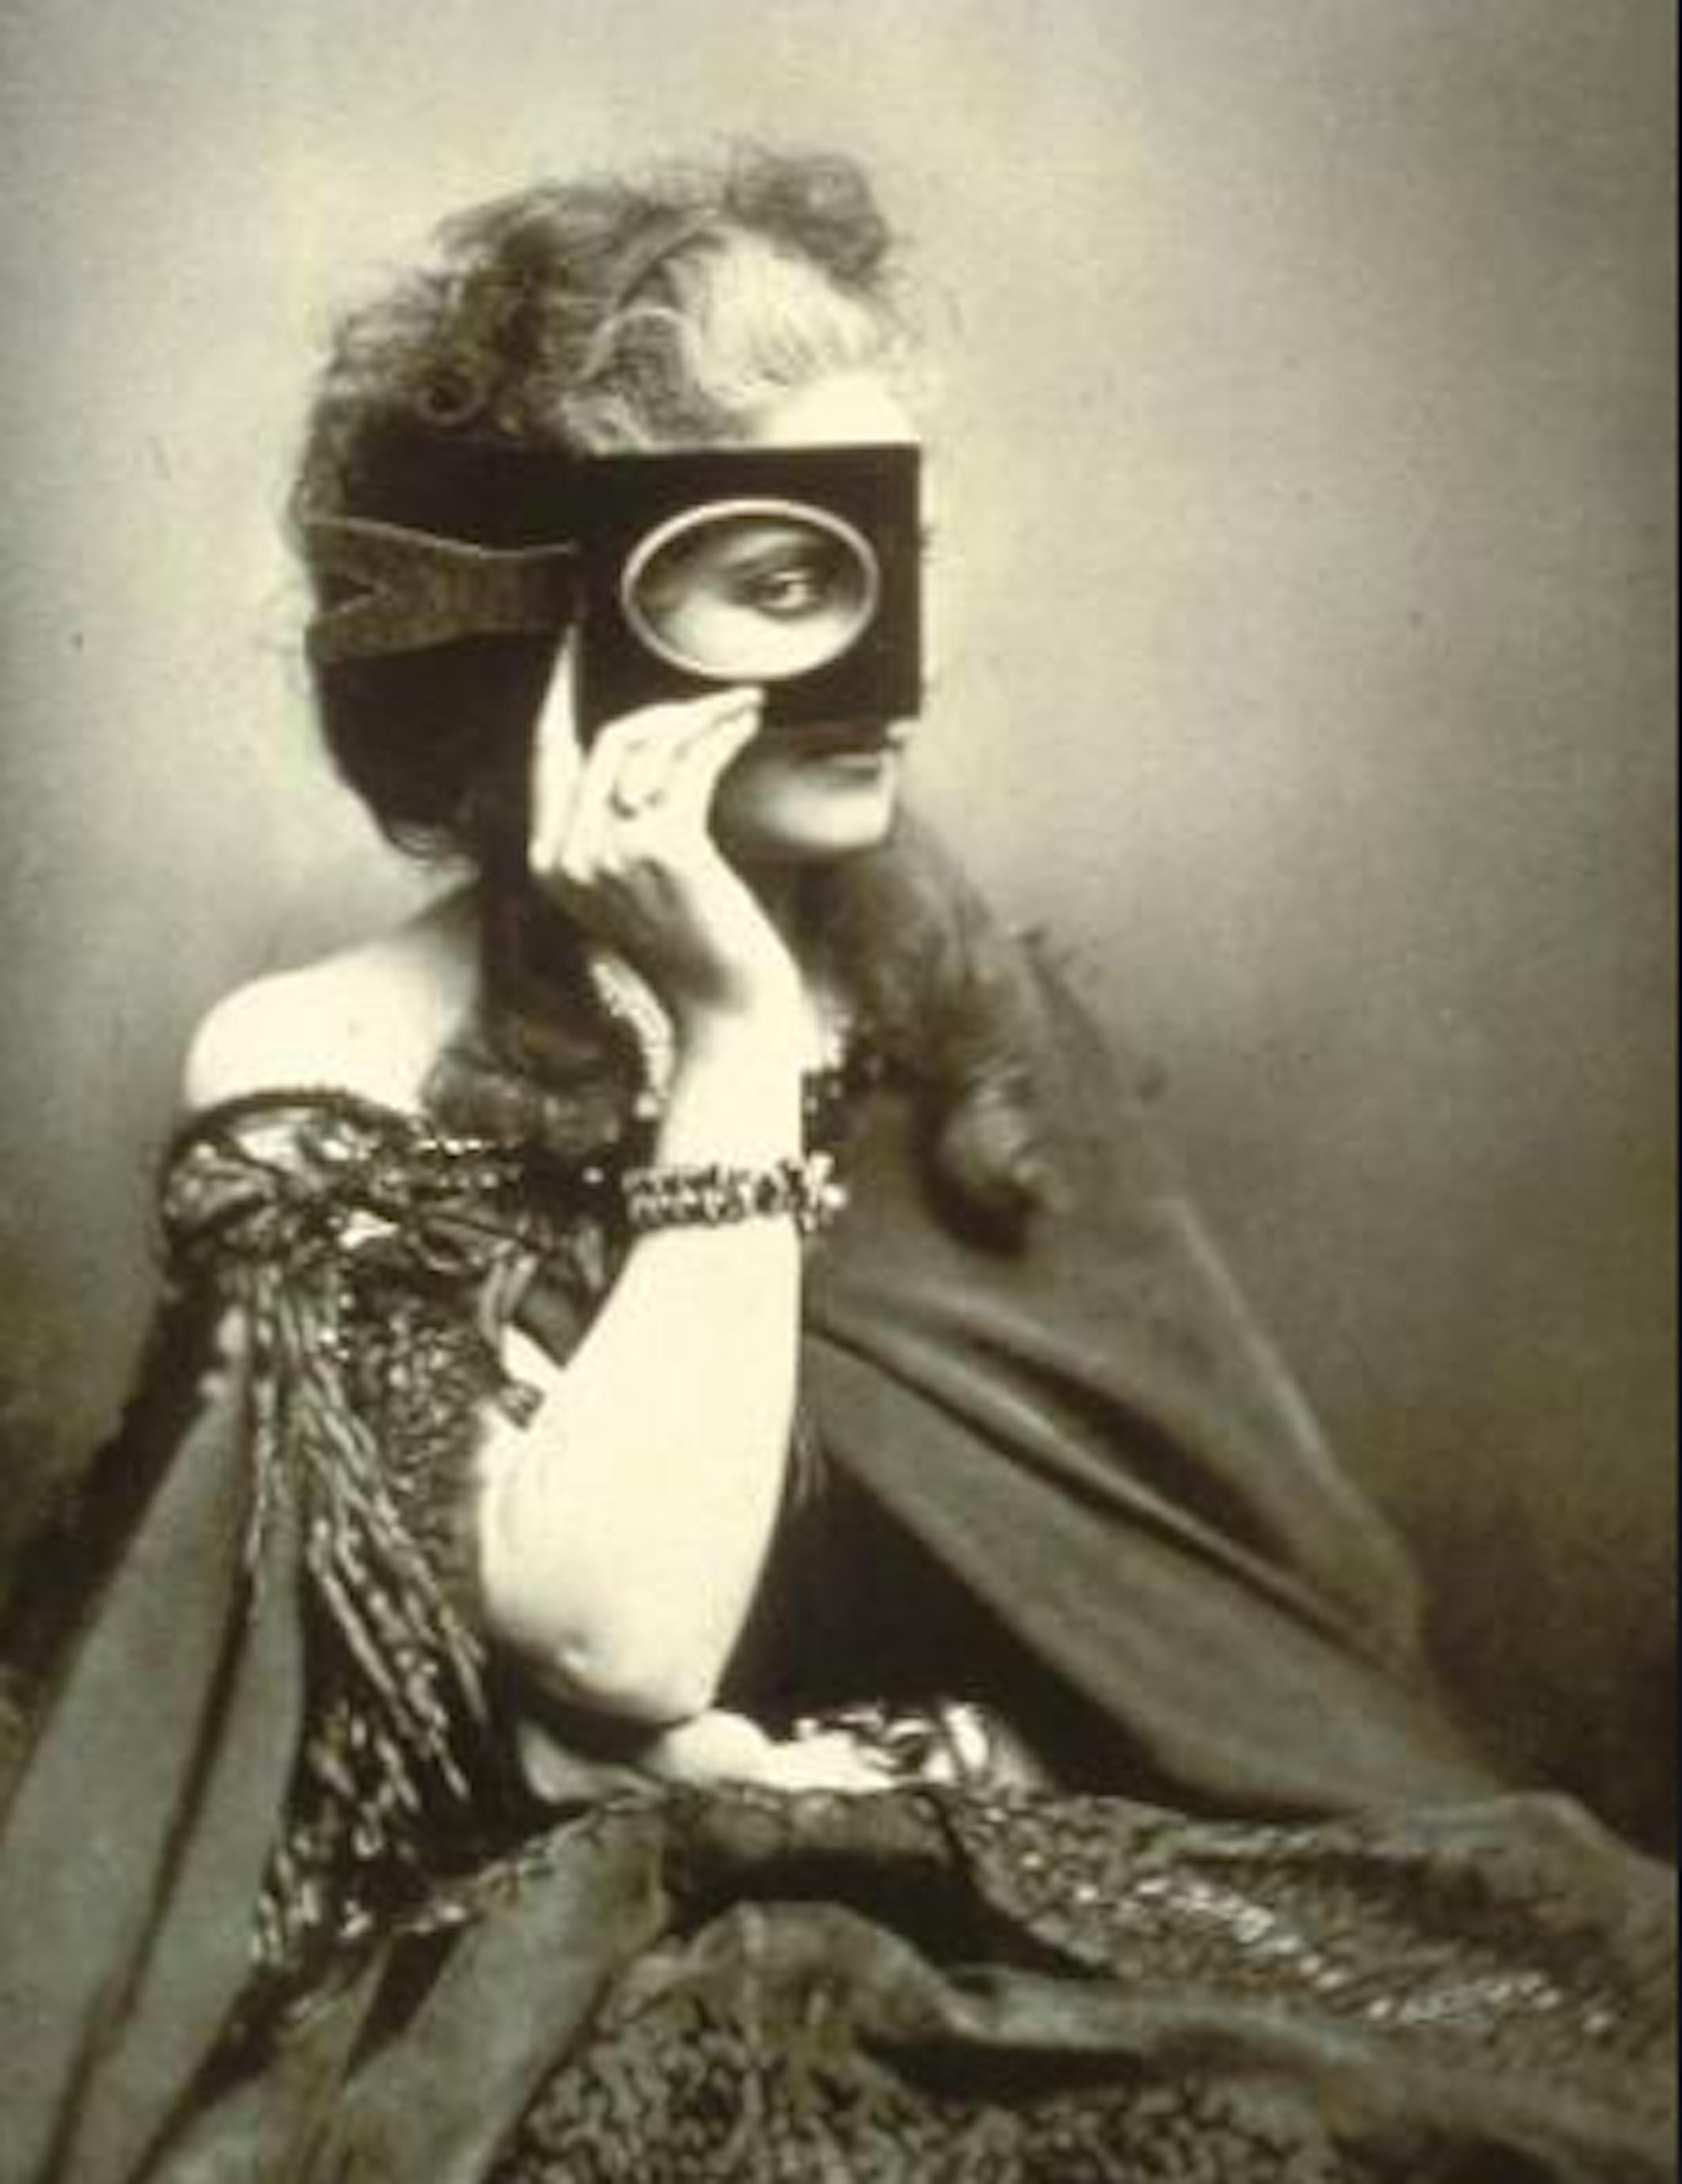 Countess of Castiglione